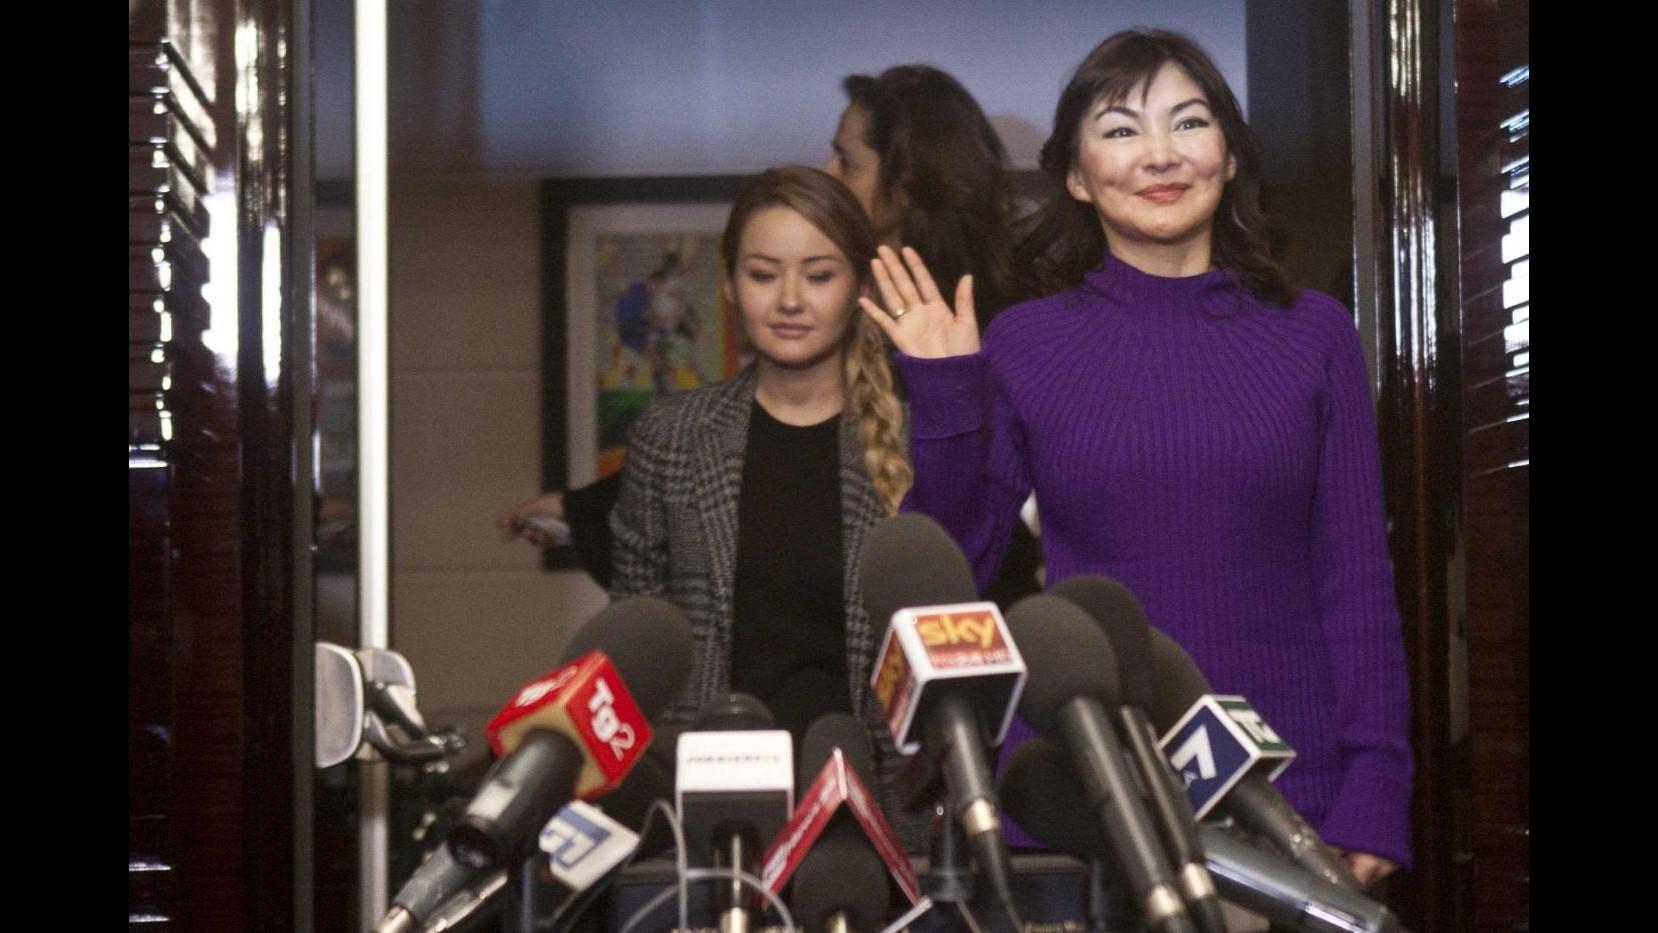 Kazakistan, Shalabayeva in procura Roma: interrogata per 4 ore e mezza